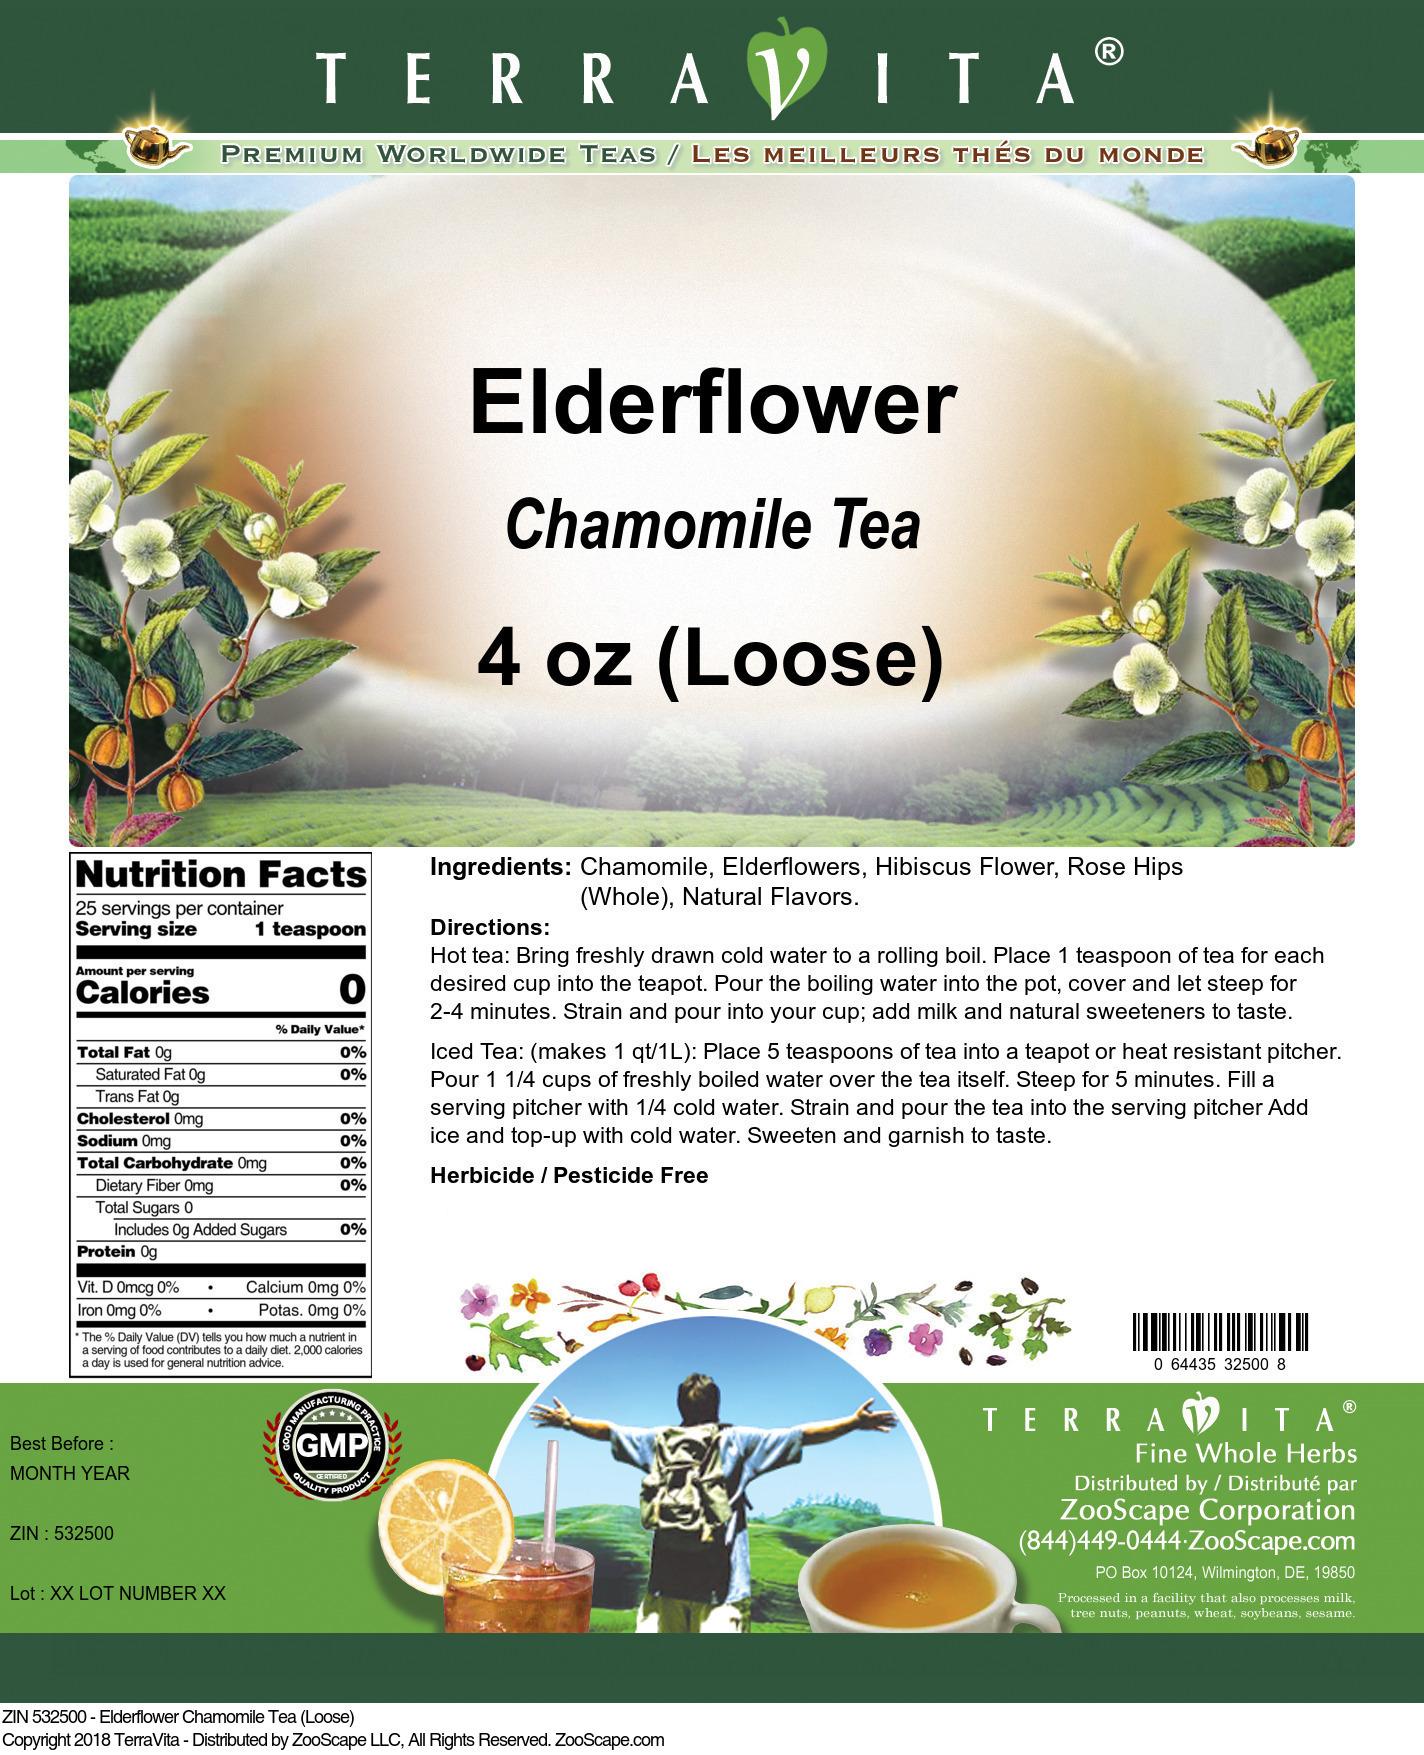 Elderflower Chamomile Tea